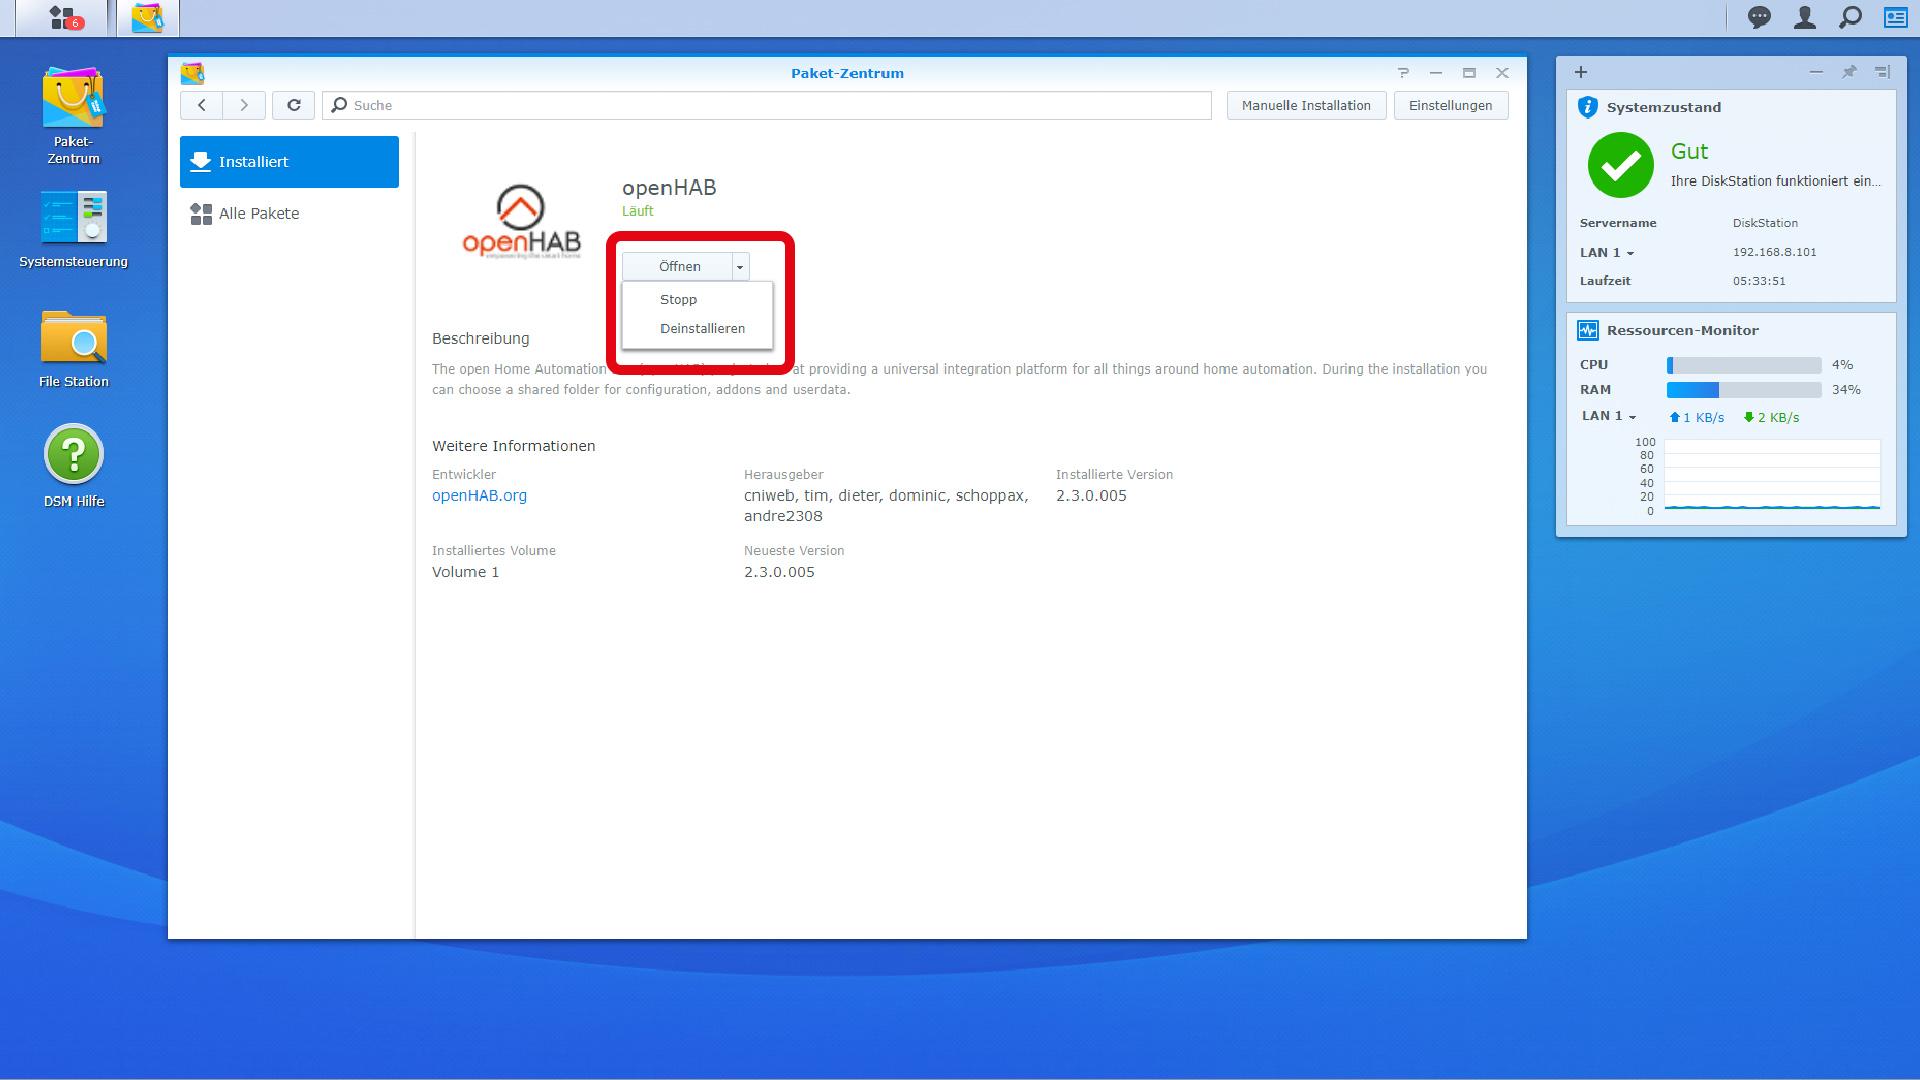 DigitaleWelt openHAB 2 - DiskStation openHAB öffnen - stoppen - starten - deinstallieren